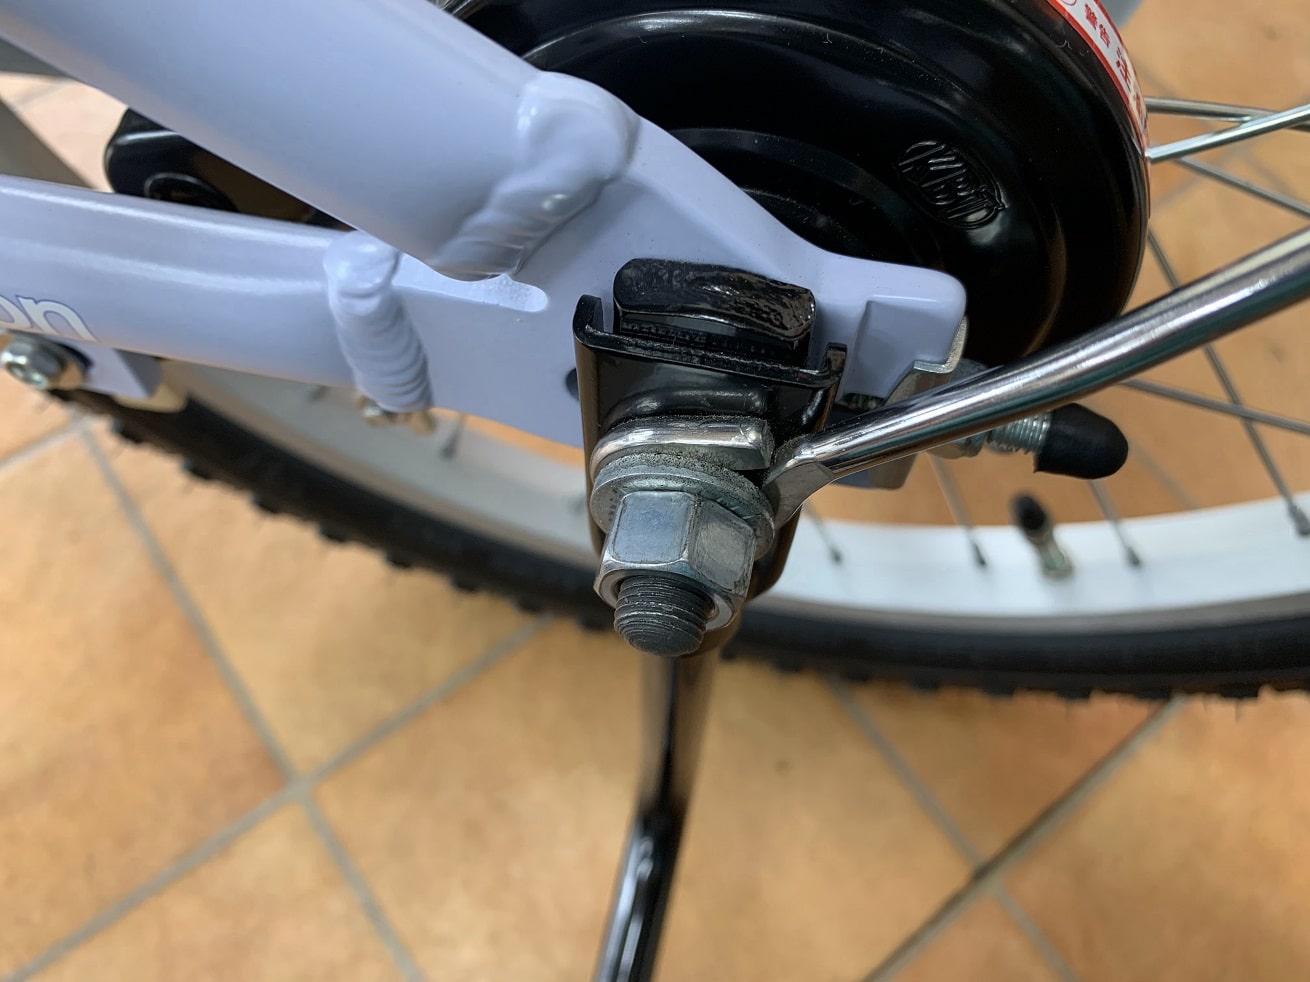 保護キャップを外した状態の子供自転車補助車